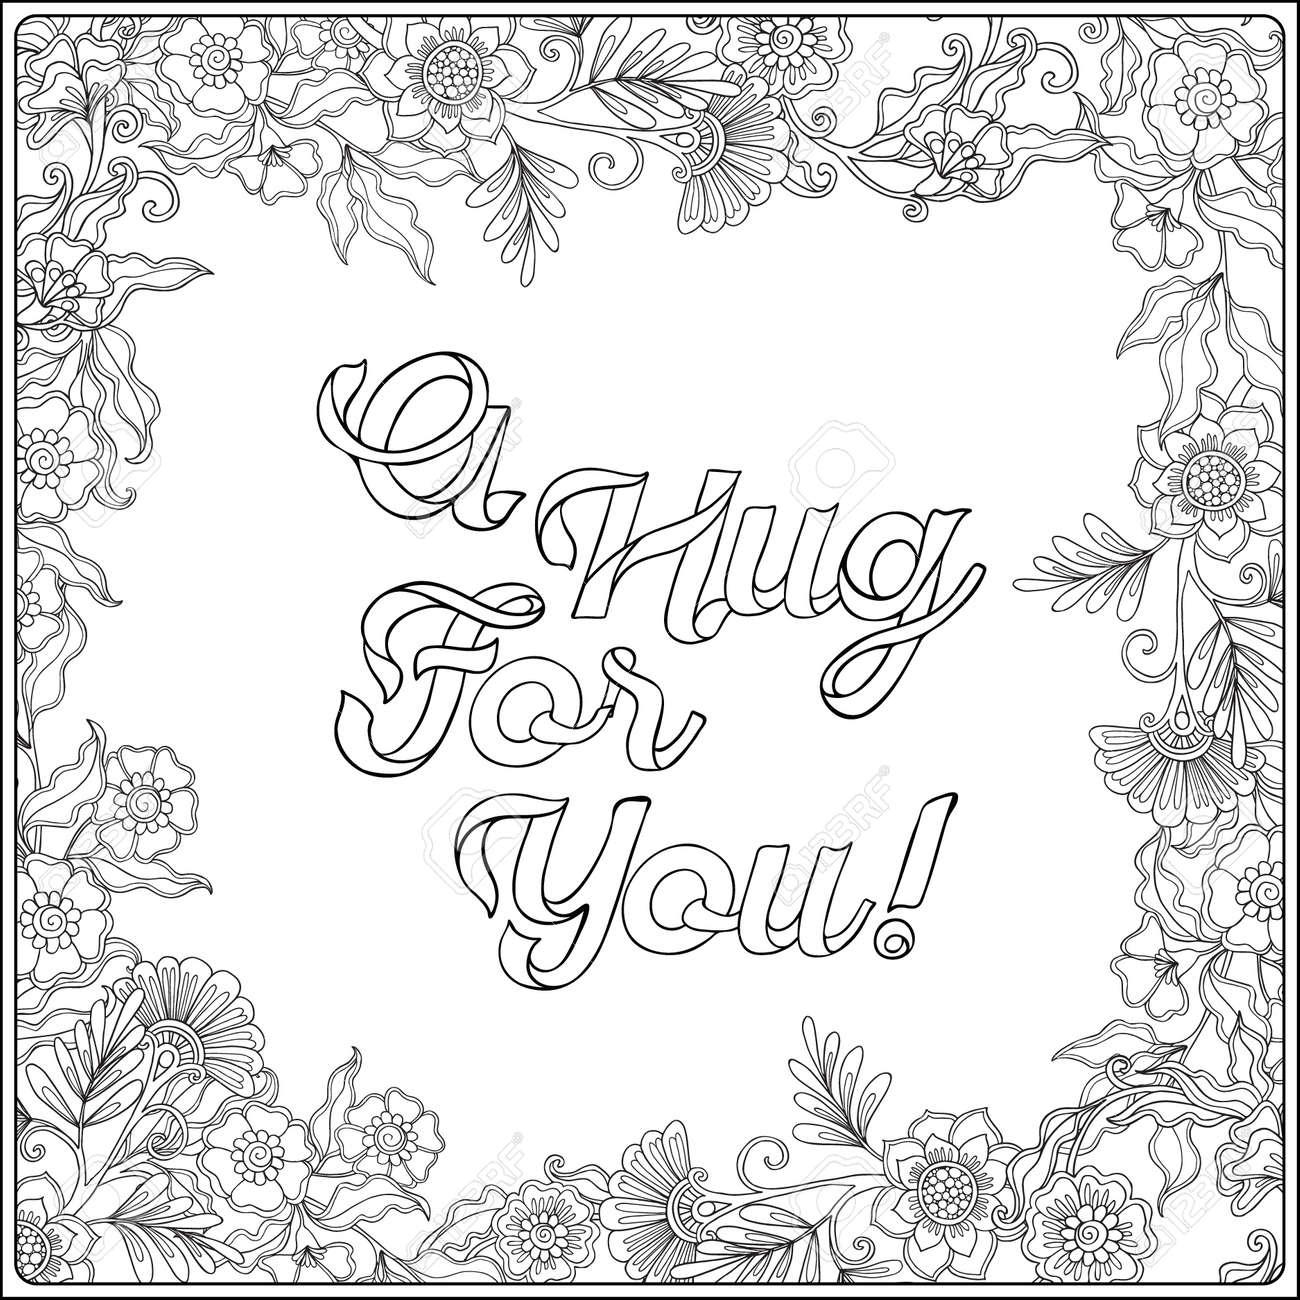 Coloriage Adulte Vintage.Coloriage Avec Message Dans Cadre Decoratif Floral Vintage Adulte